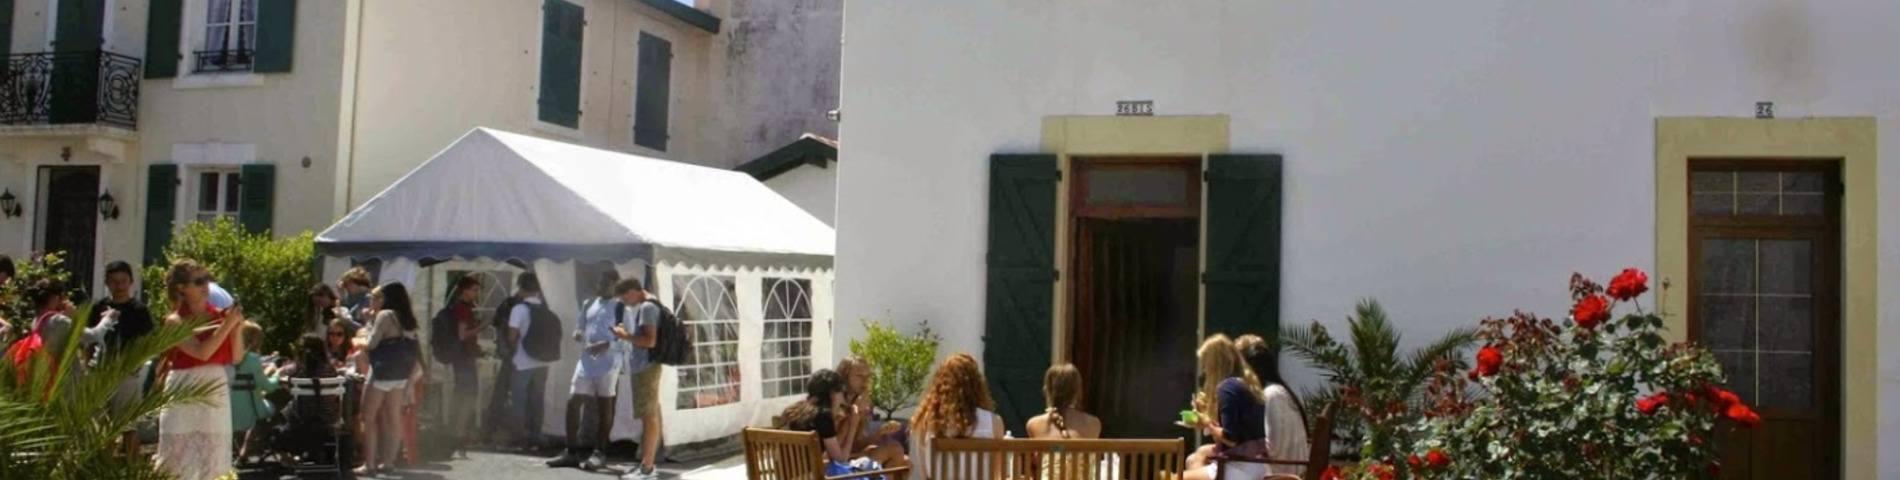 Biarritz French Courses Institute bild 1